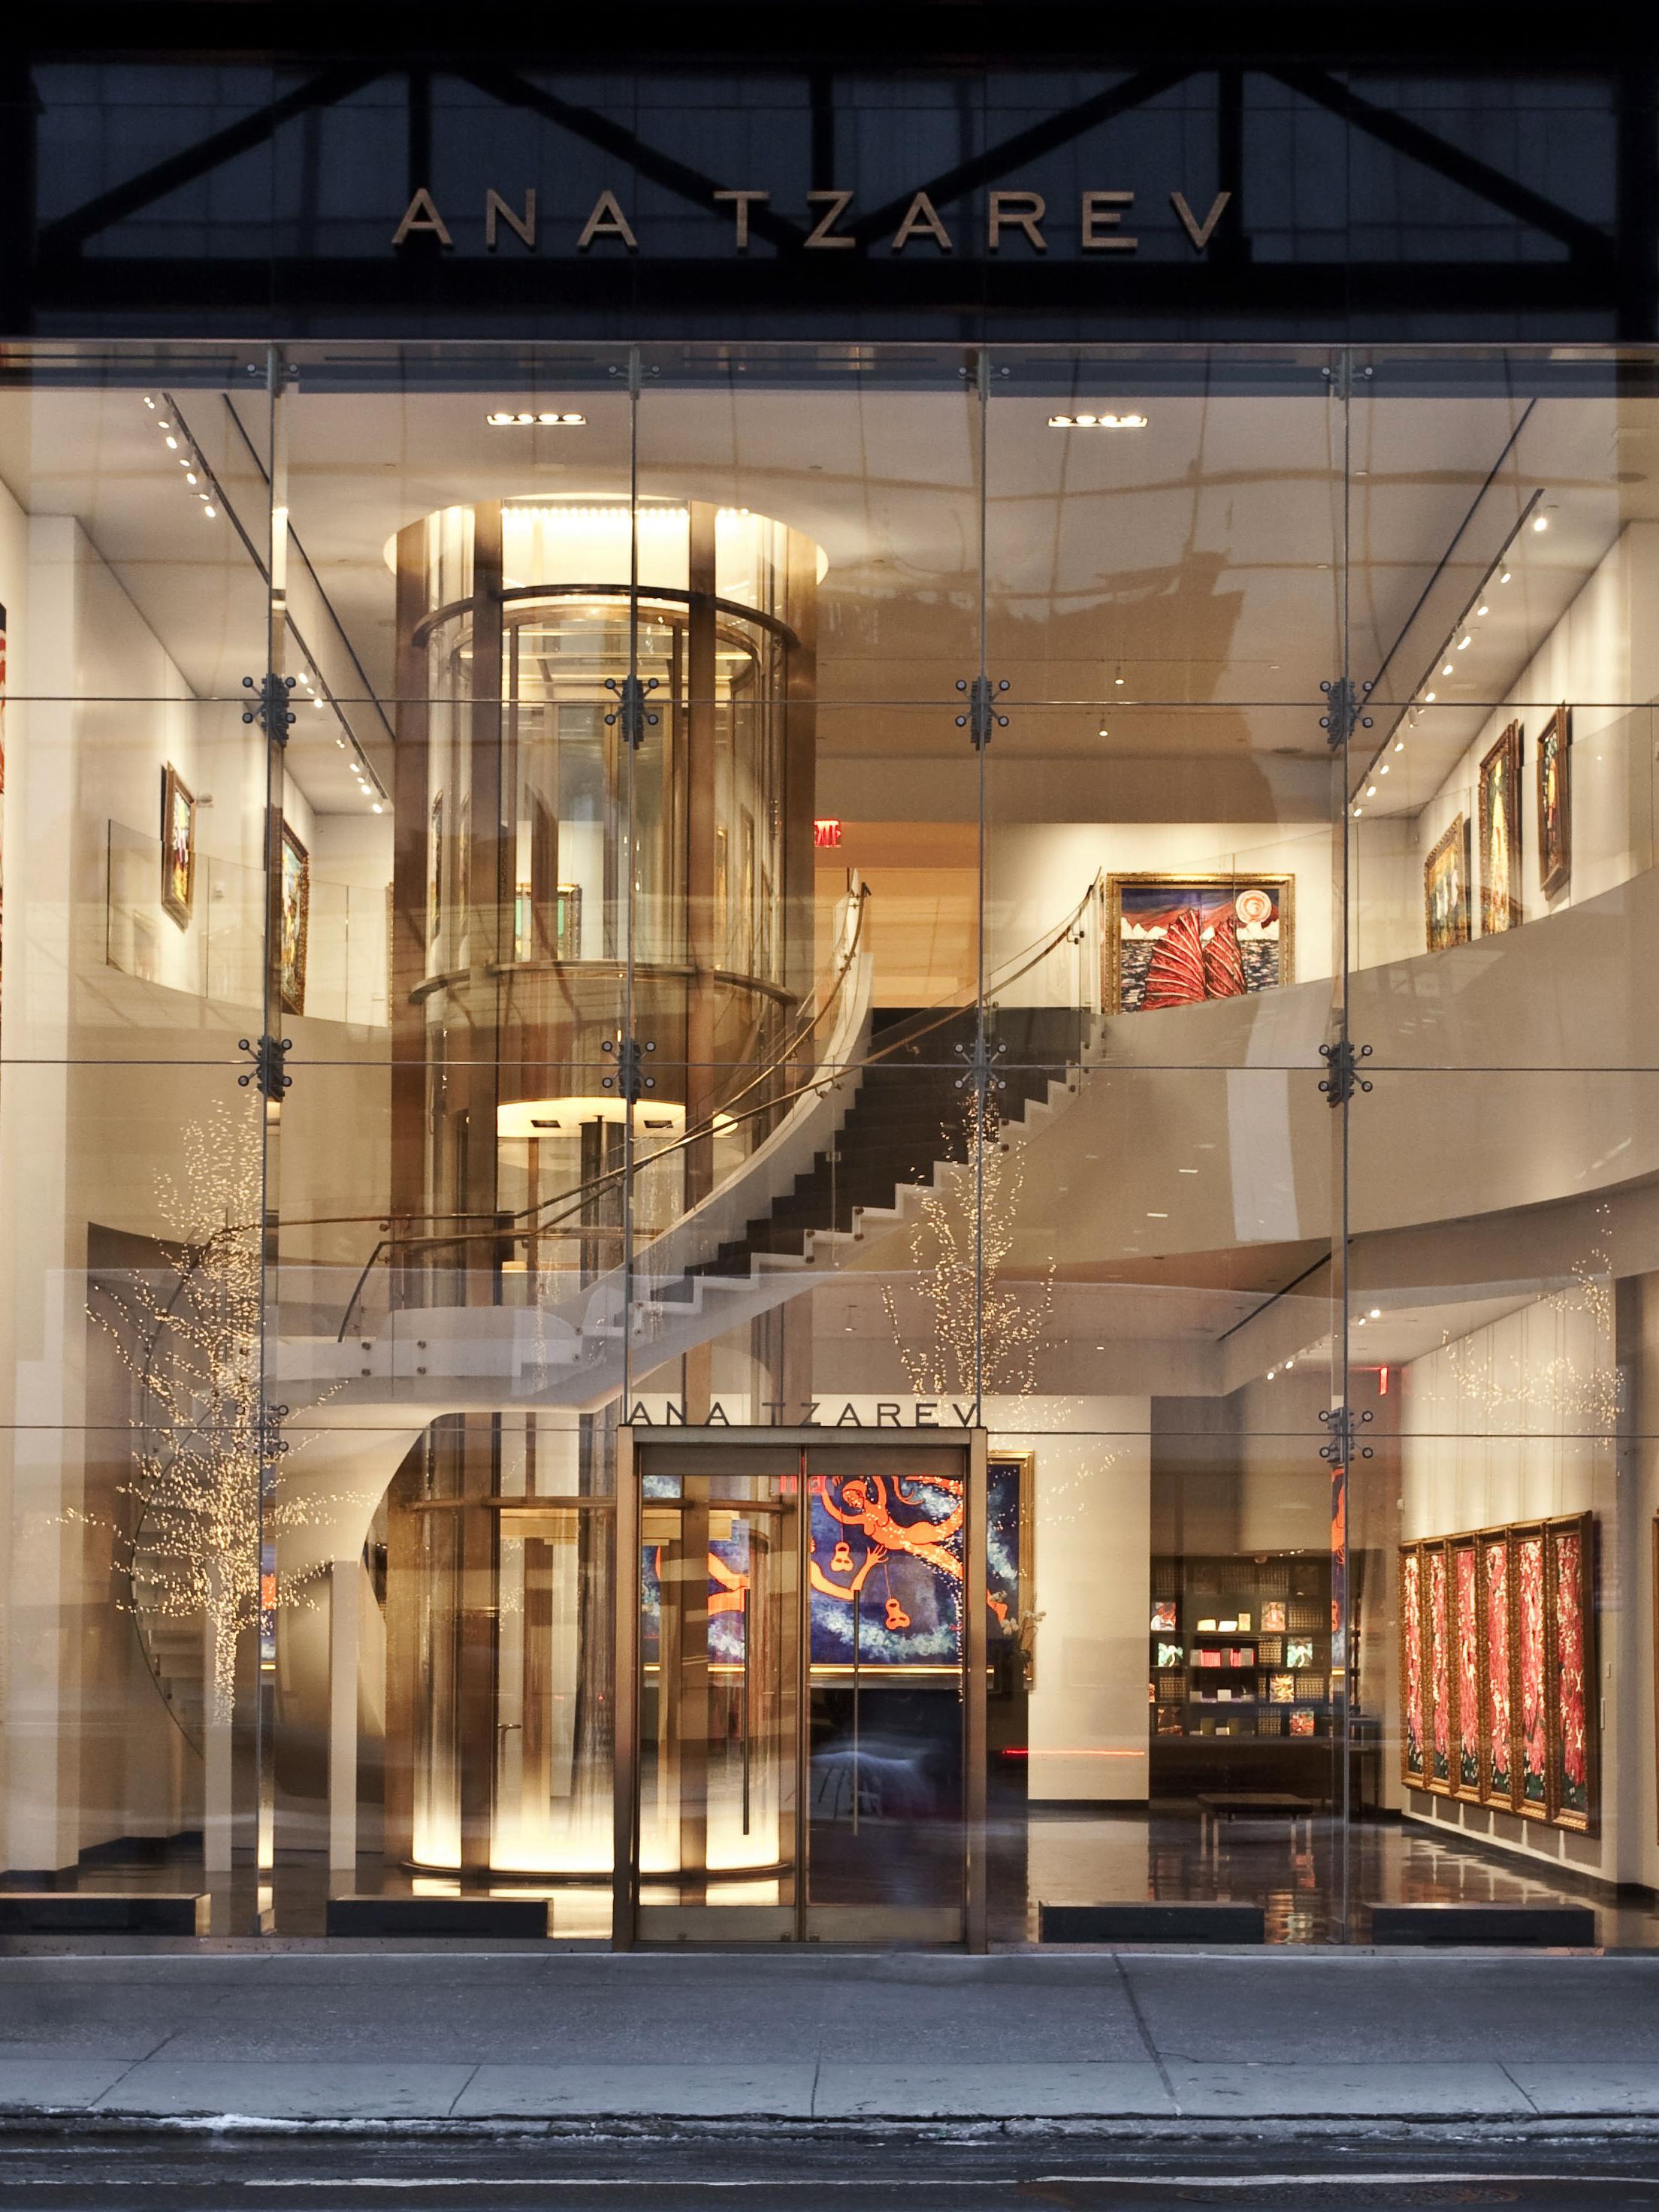 Ana Tzarev Gallery